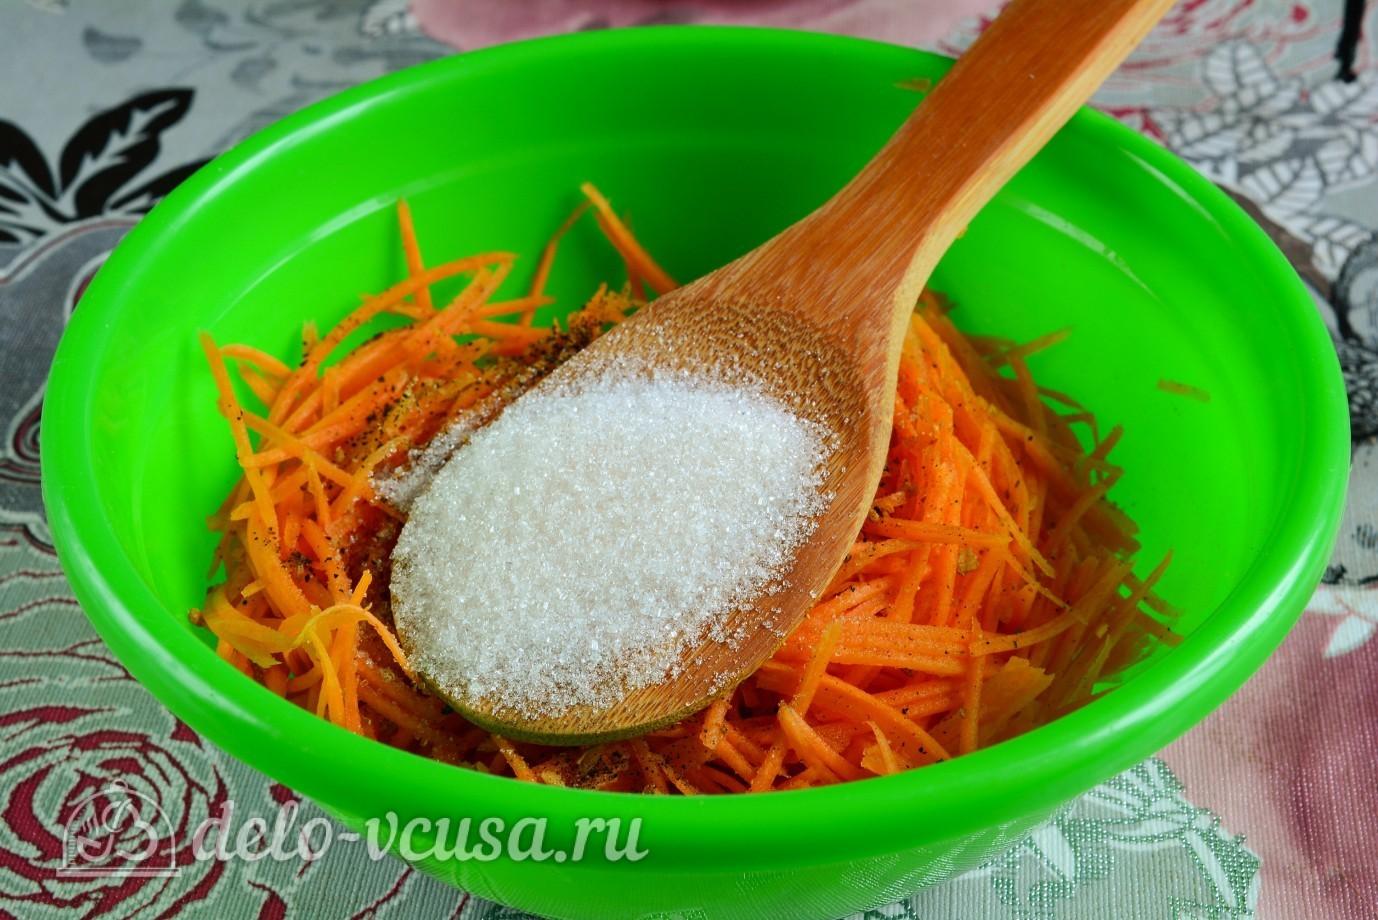 Морковь по-корейски сладкая в домашних условиях рецепт фото